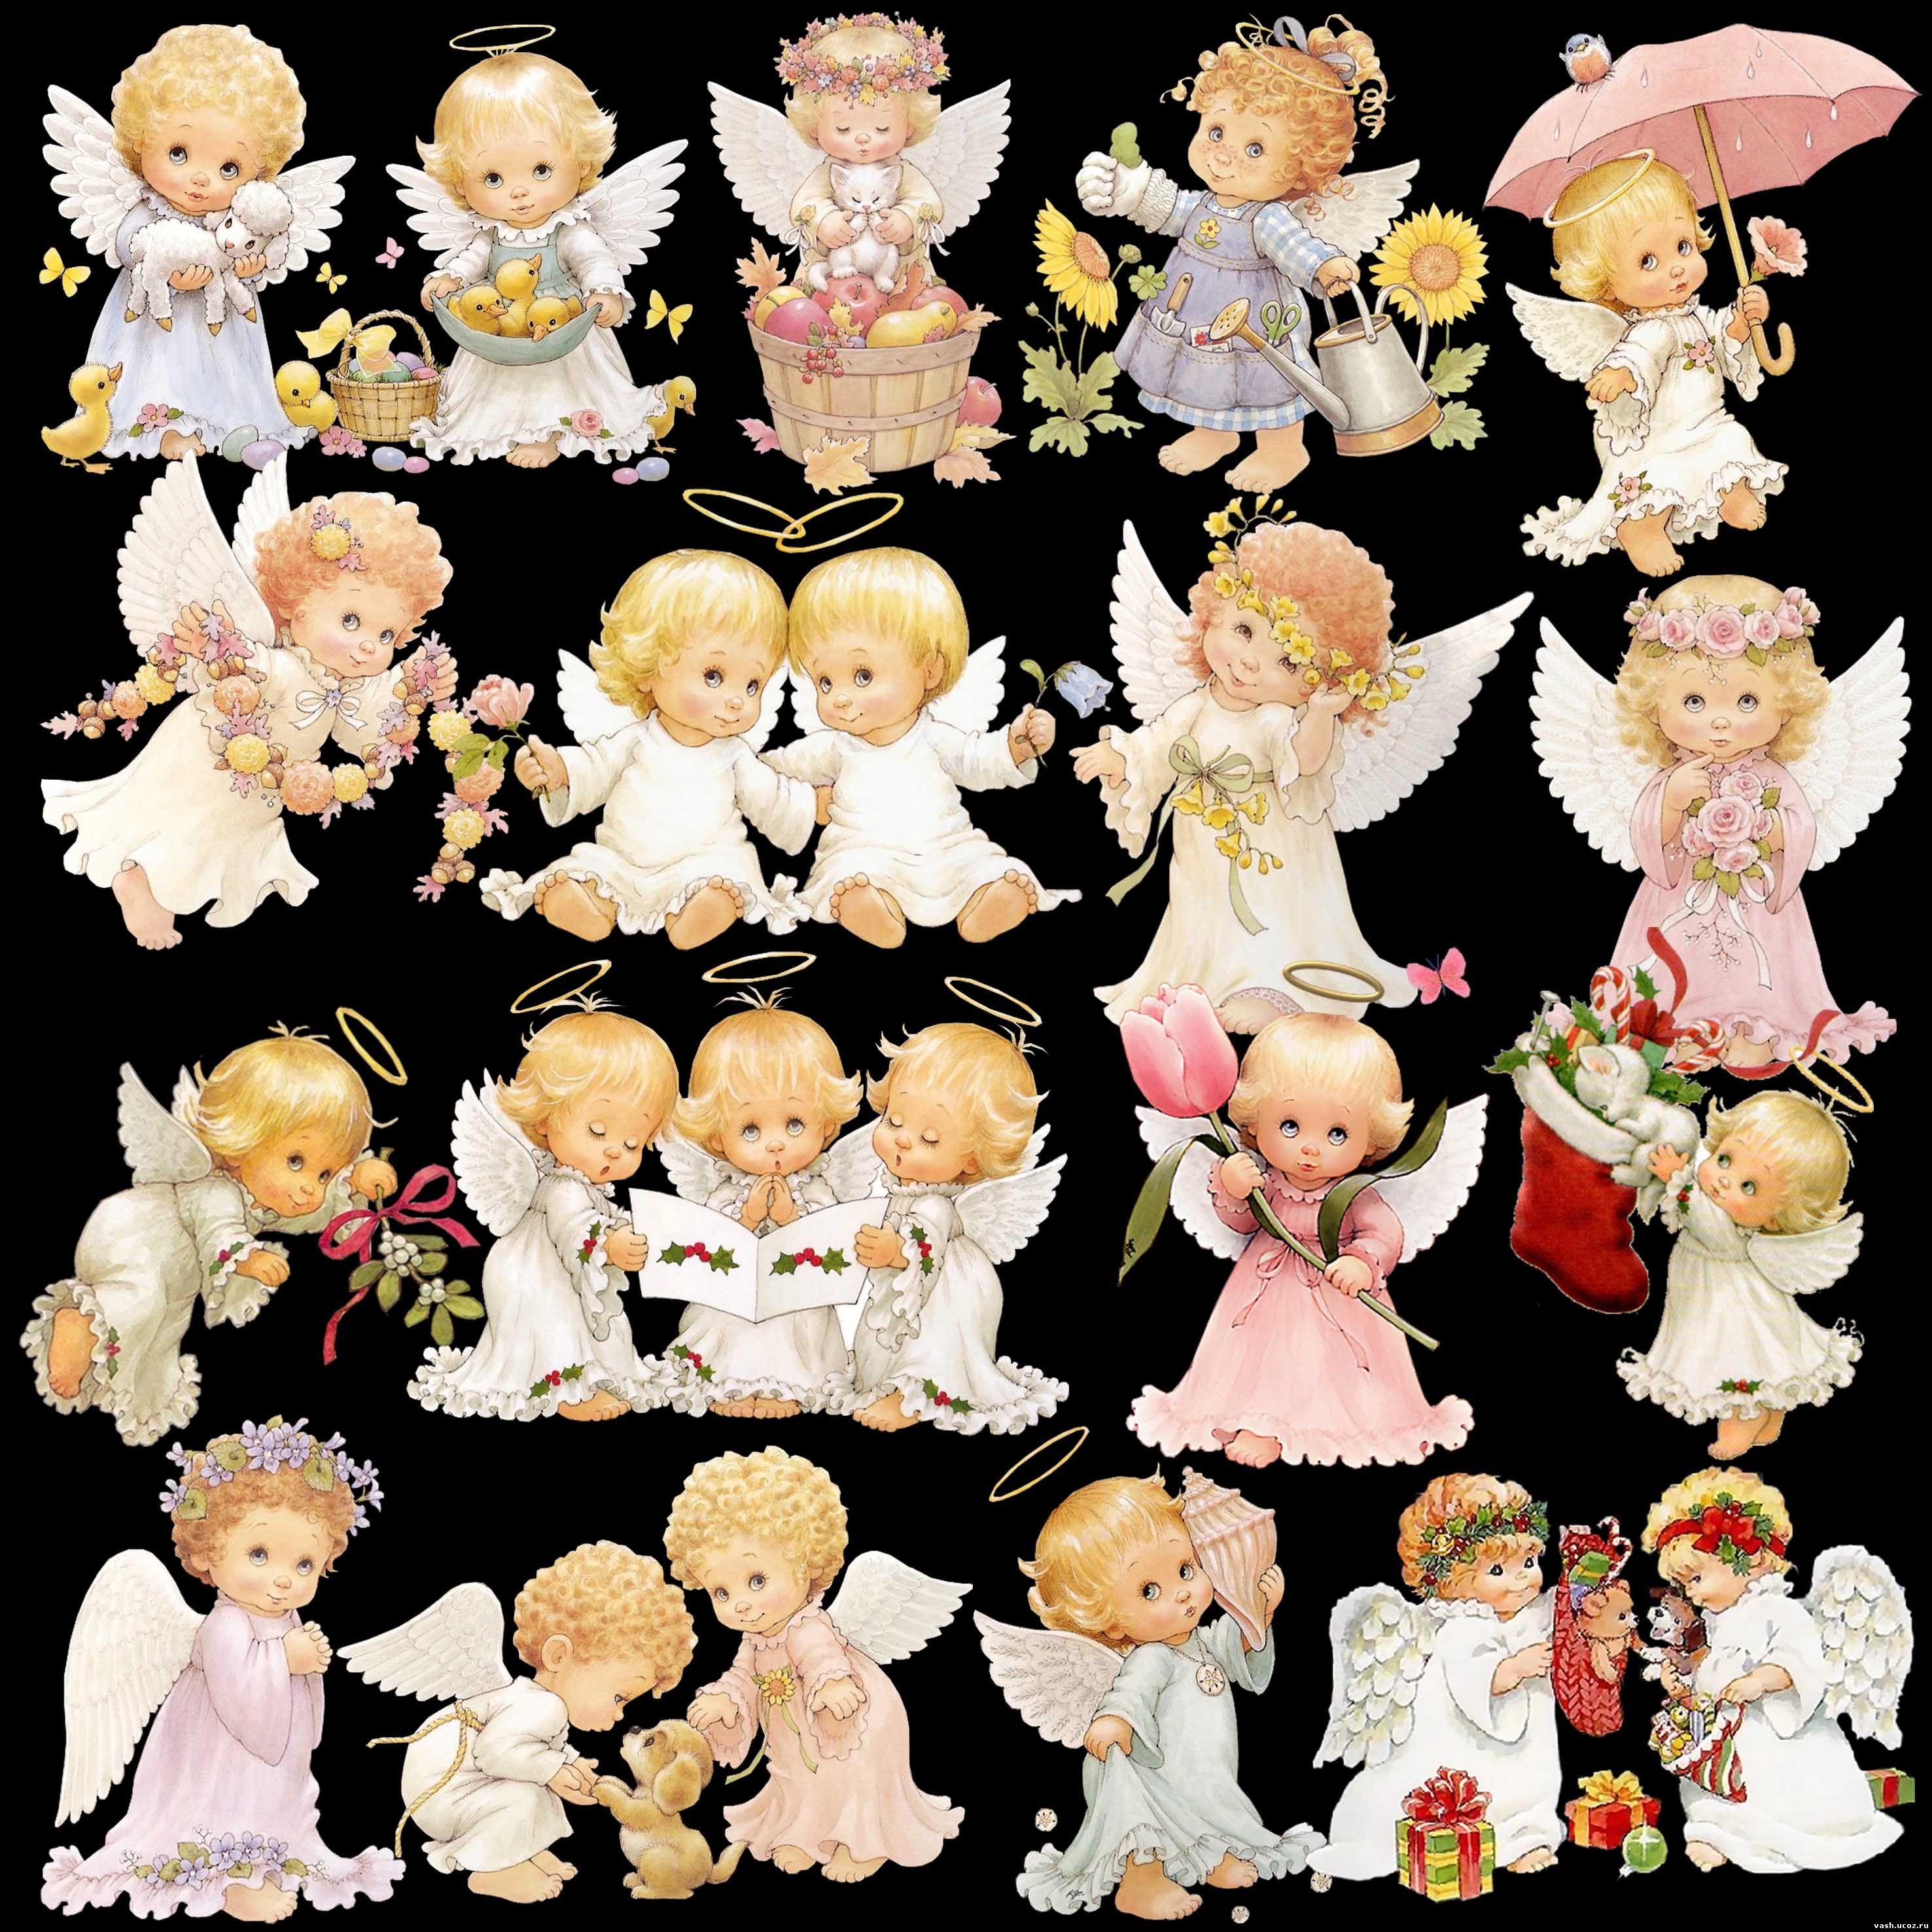 Шикарные ангелочки 1 psd 300 dpi 13 1 mb